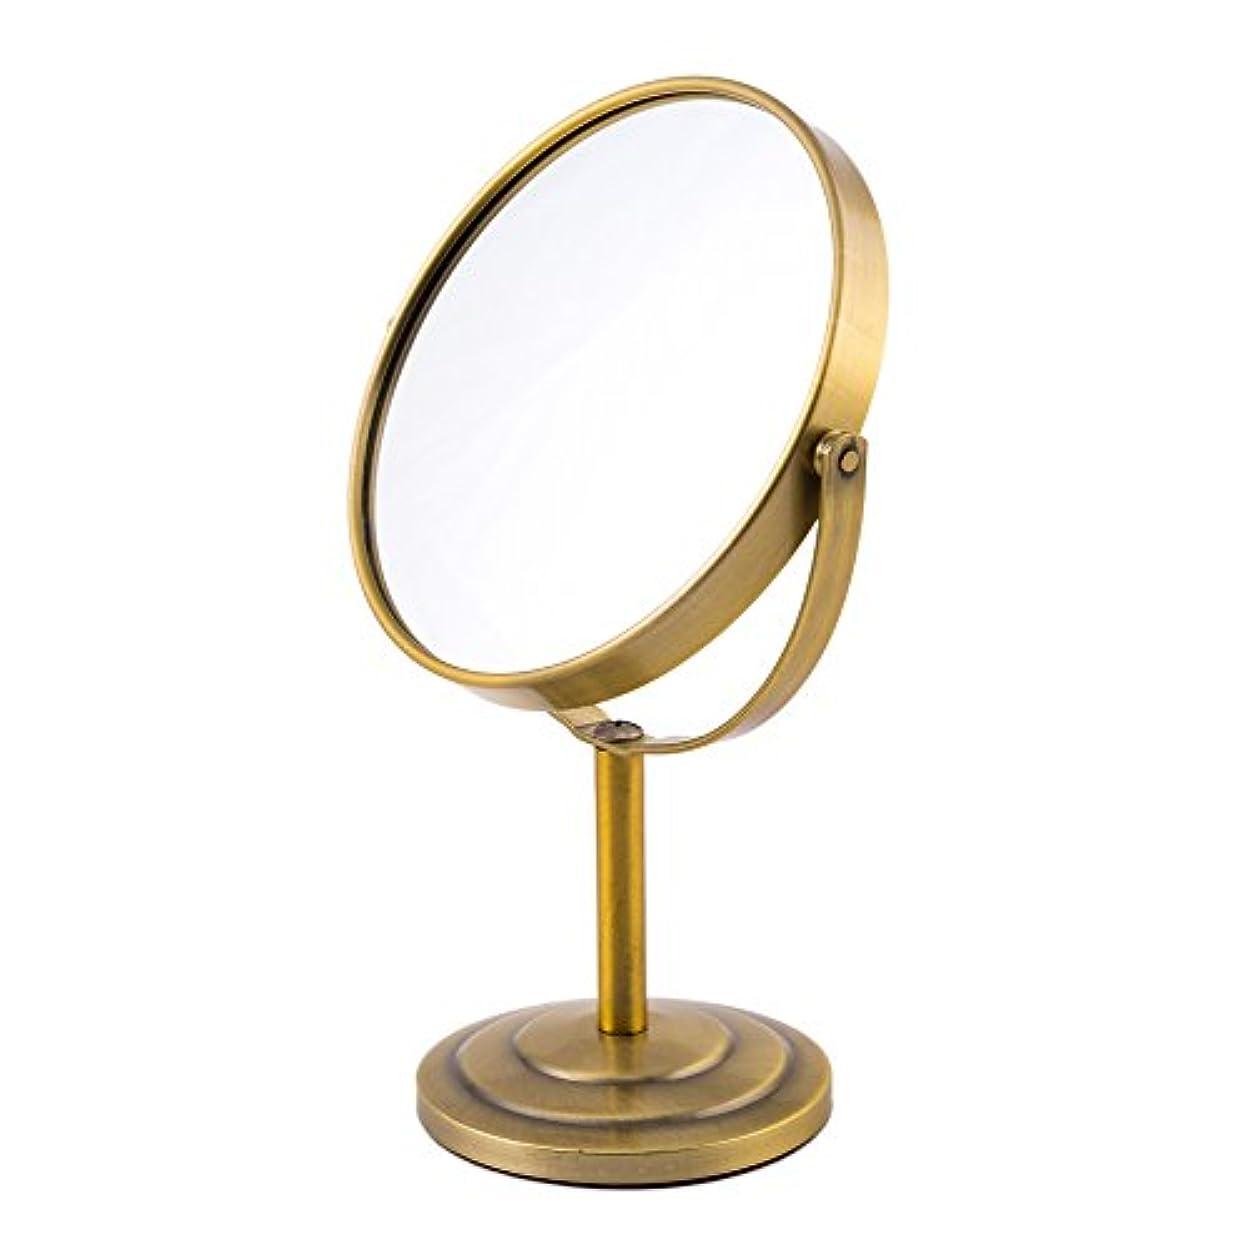 予備オリエンタル王子ARTRA シンプルデザイン 真実の両面鏡DX 5倍拡大鏡 360度回転 卓上鏡 スタンドミラー メイク 化粧道具 赤銅色